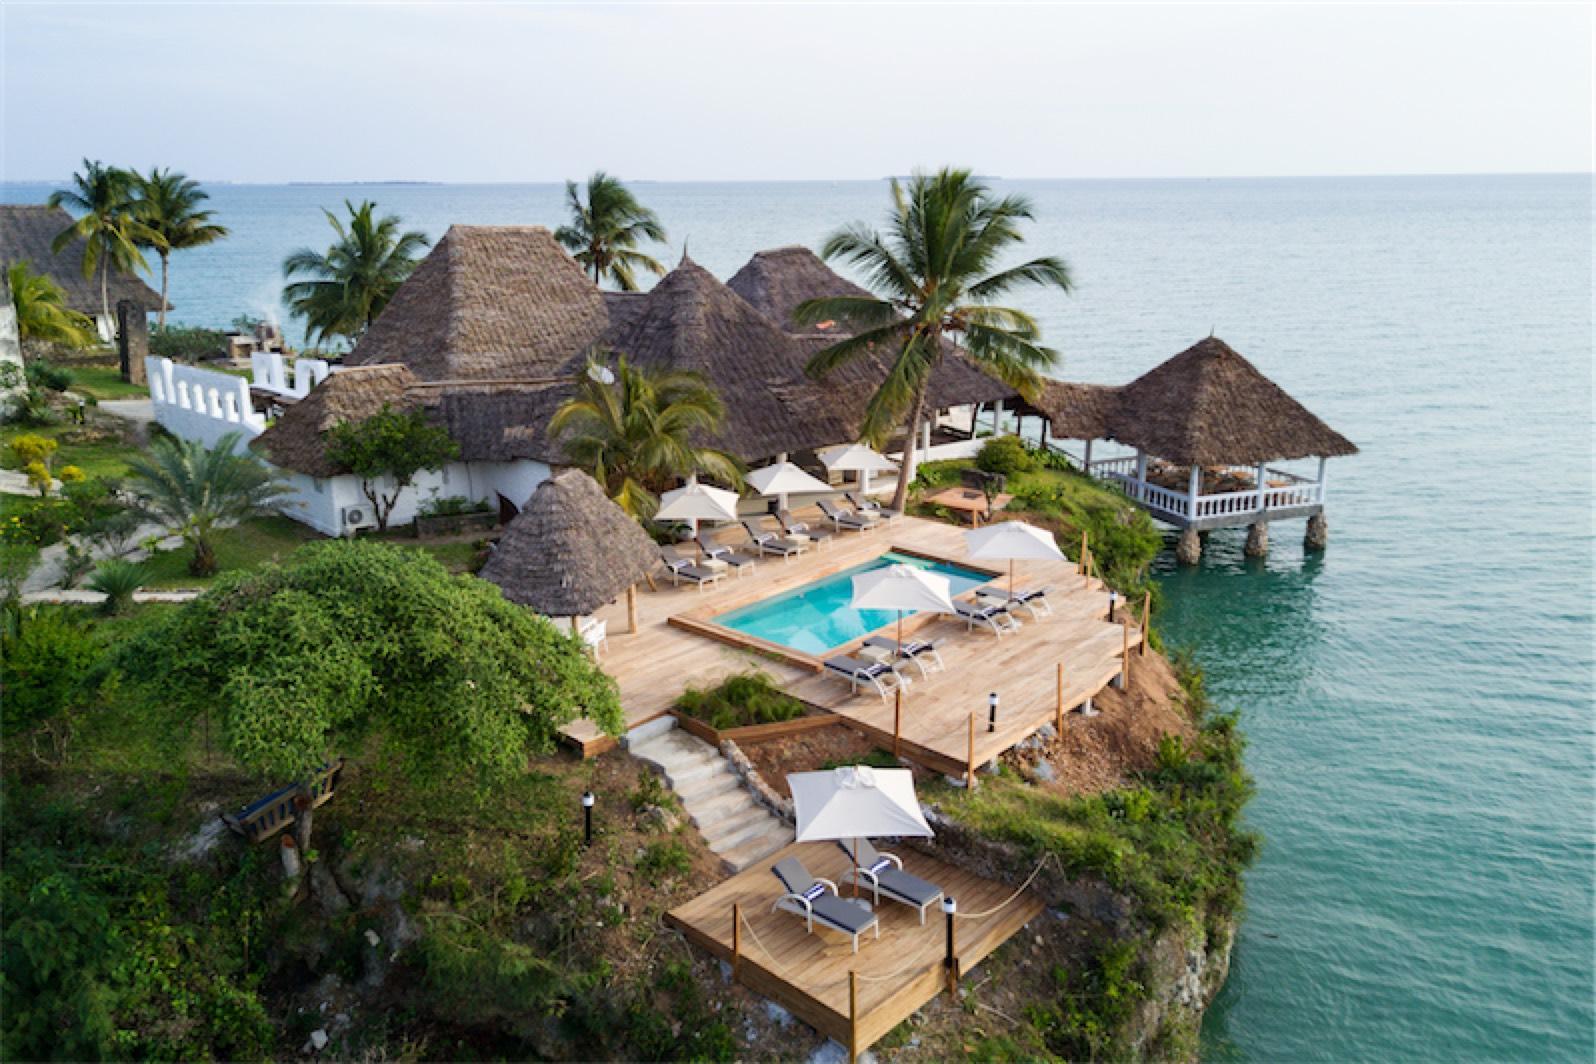 Chuini Beach Lodge